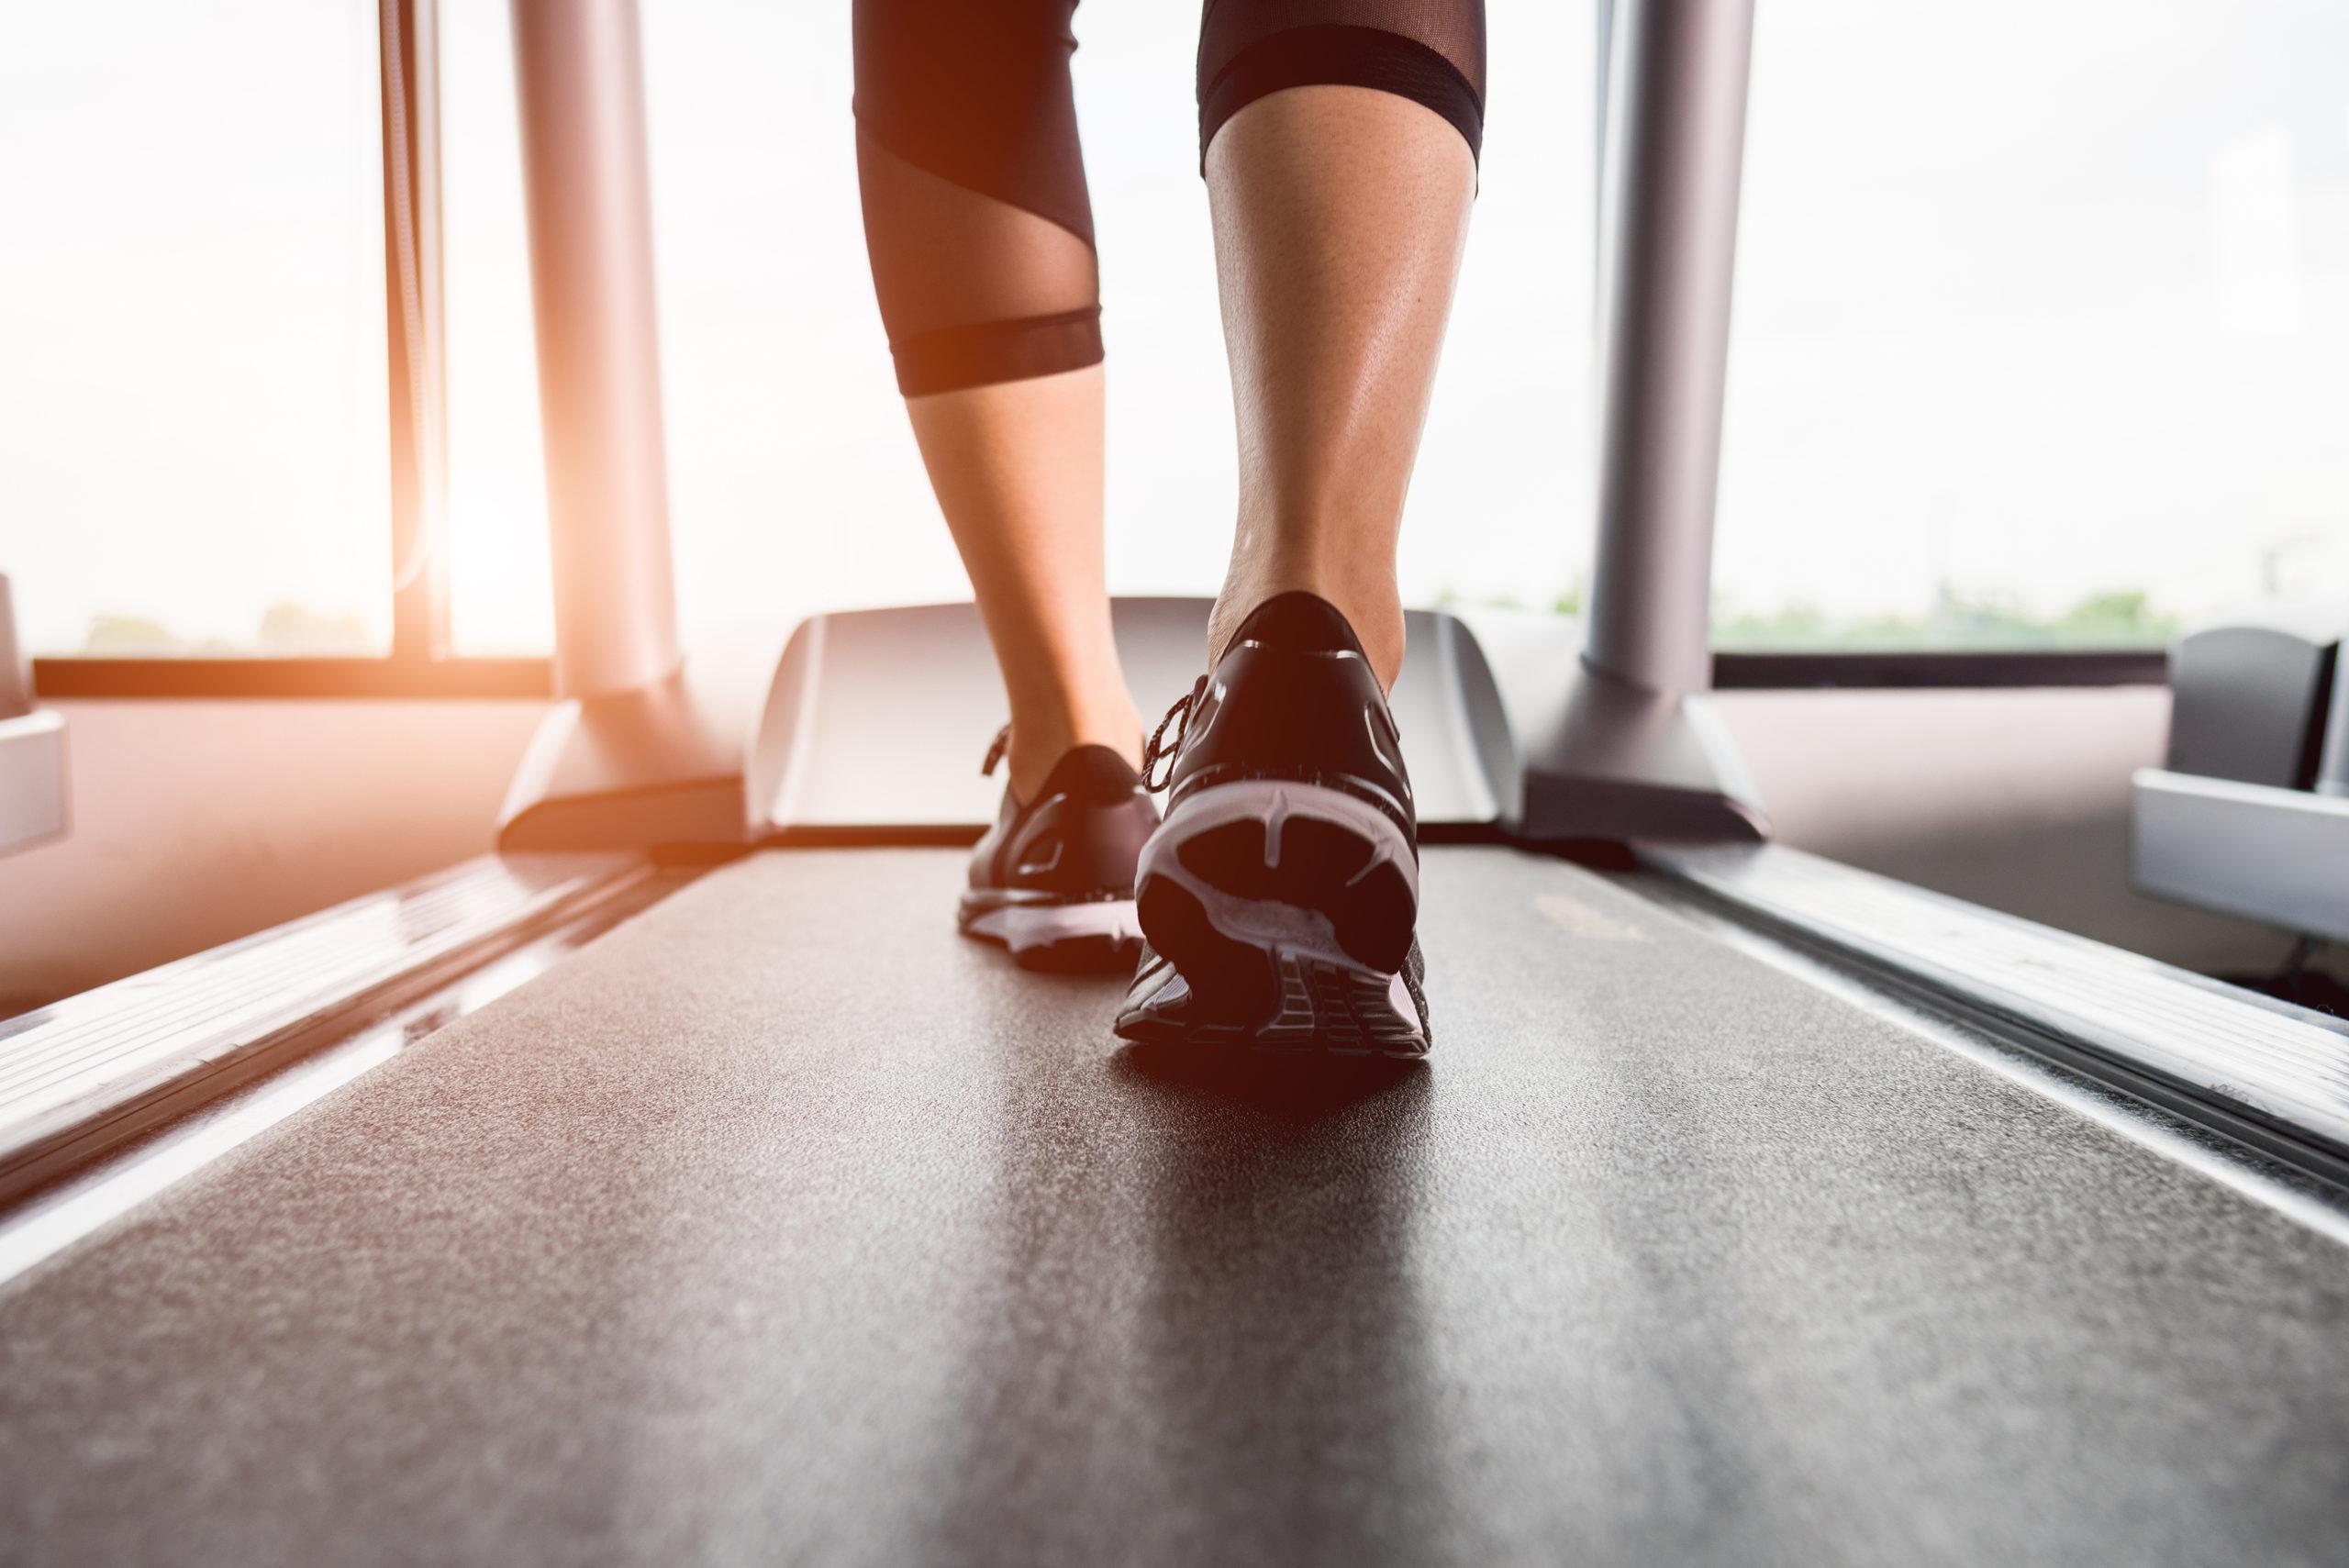 proform 305 cst treadmill review